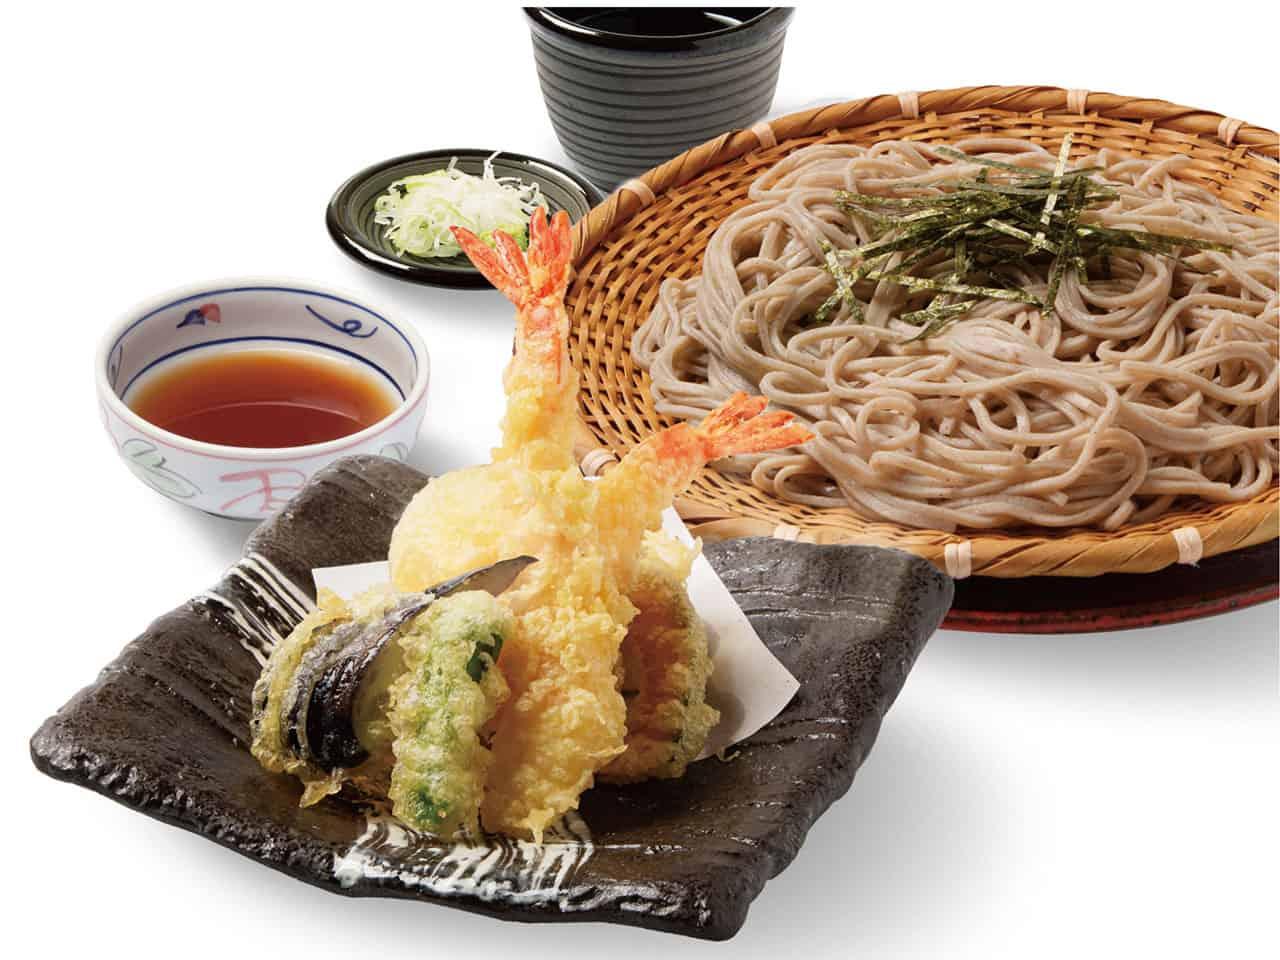 เมนูอาหารจากร้านอาหาร Tenfu